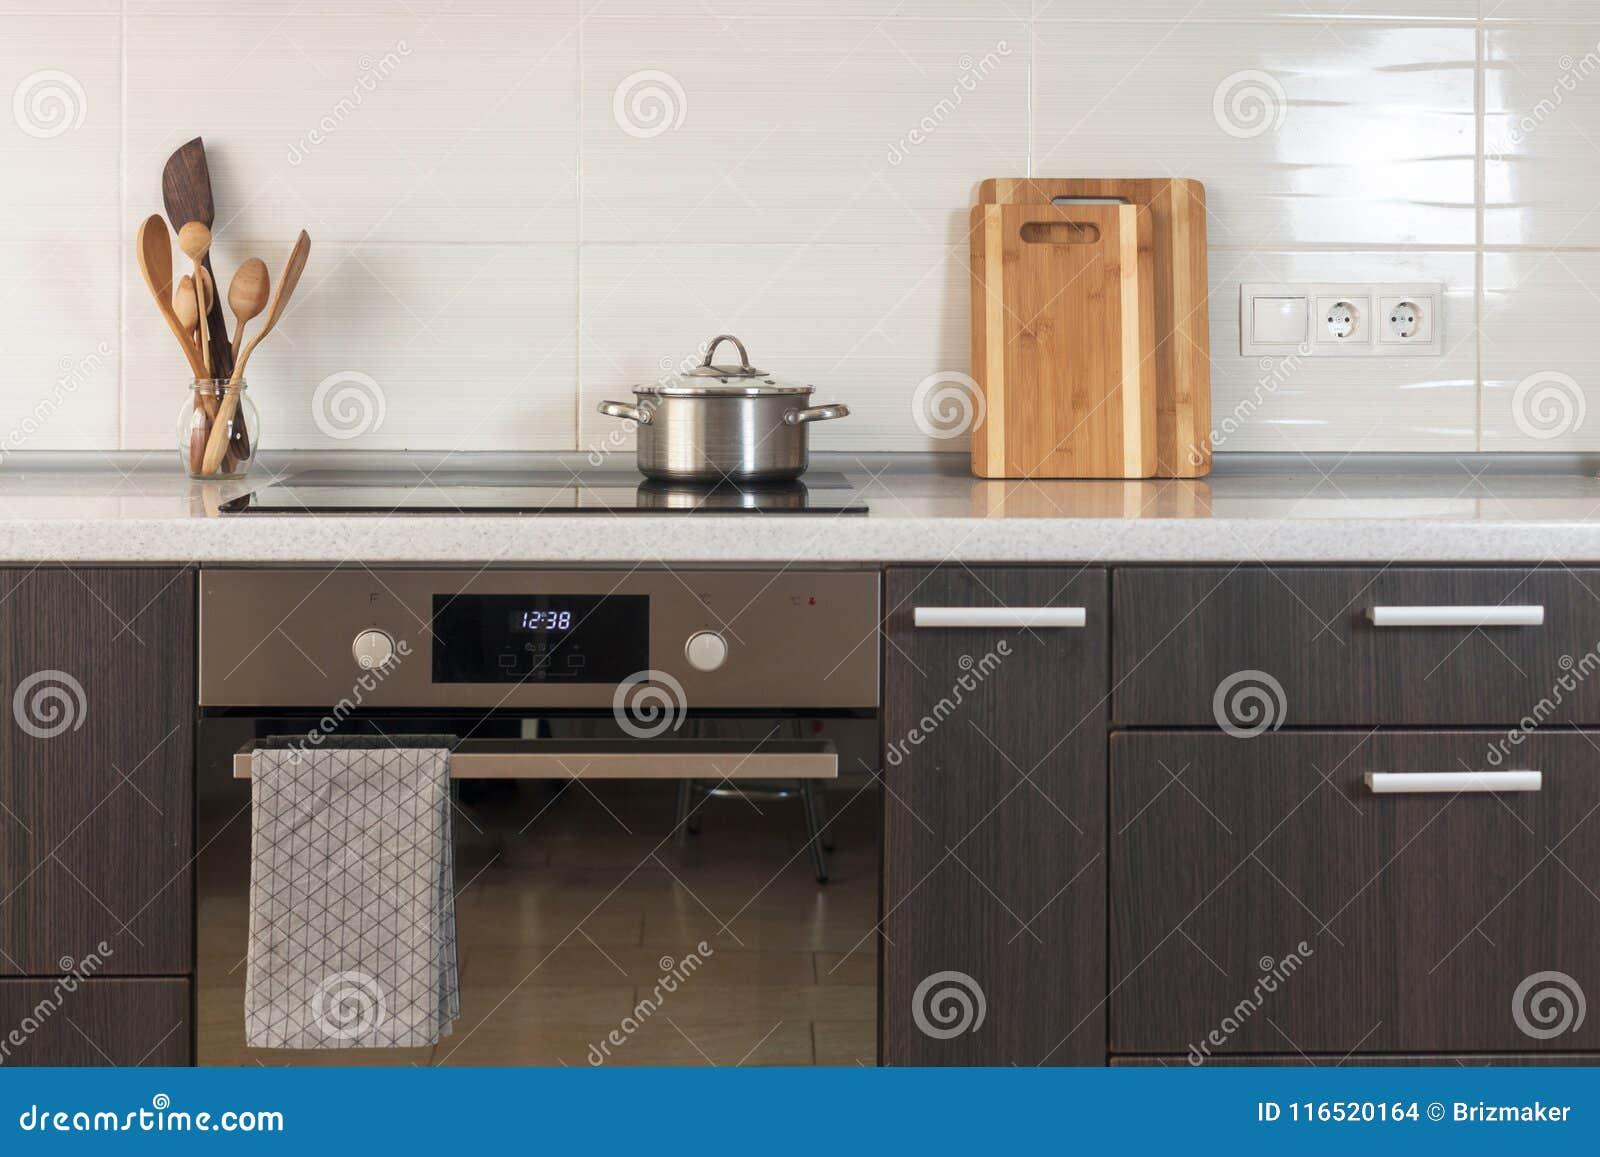 A bandeja está em um fogão cerâmico Cozinha clara com forno, placa de corte e outros elementos de utensílios da cozinha